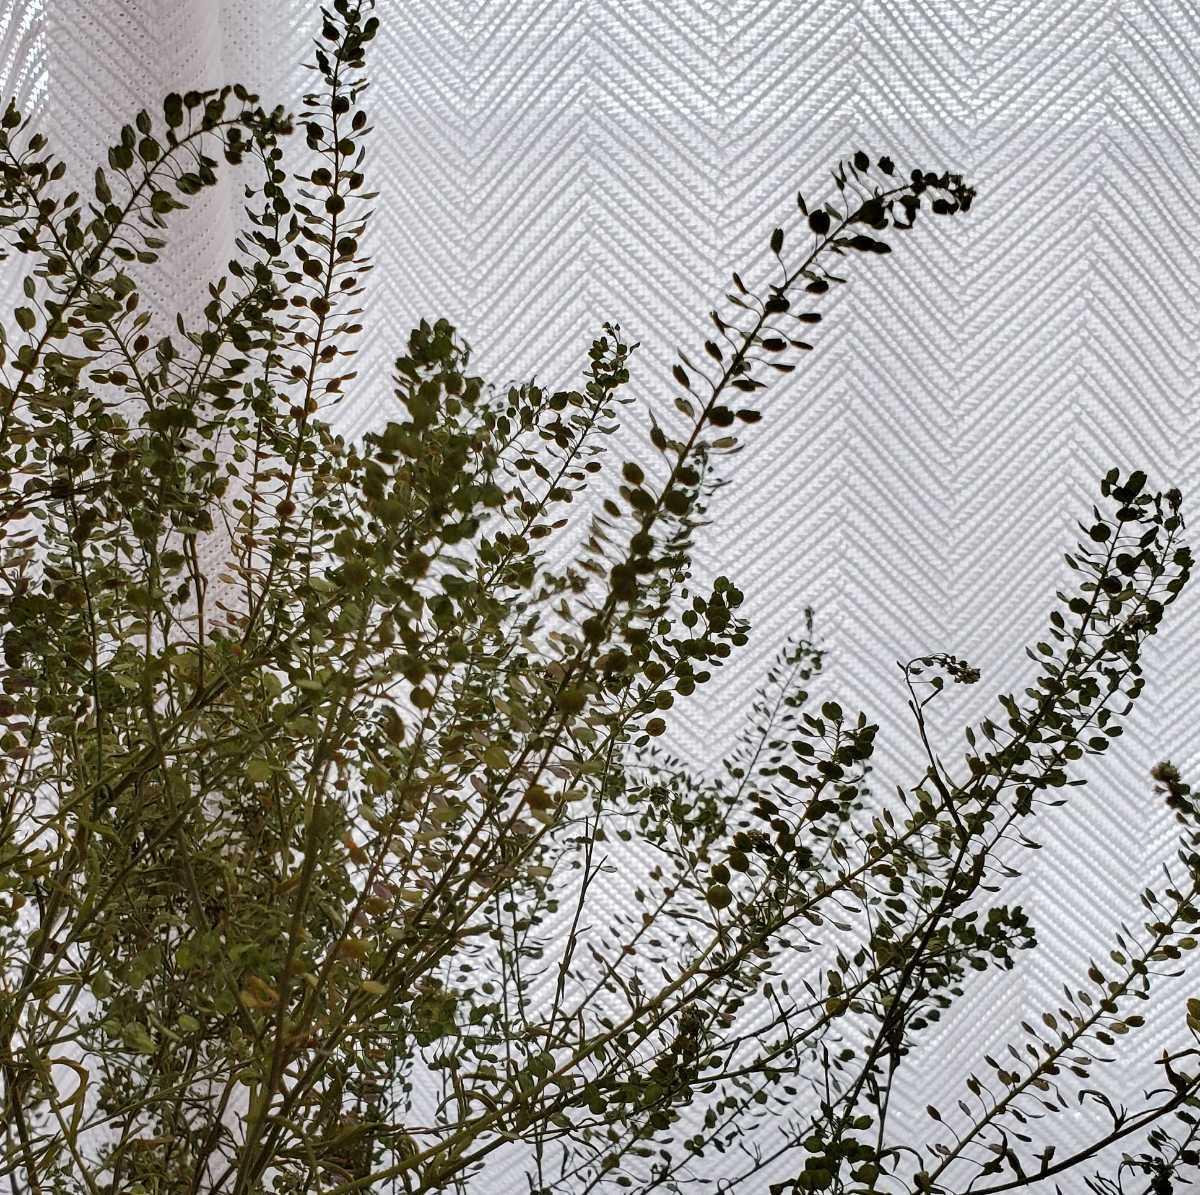 マメグンバイナズナ 種 100粒以上 アブラナ科 ドライフラワー スワッグ リース アレンジ 山野草 _画像3